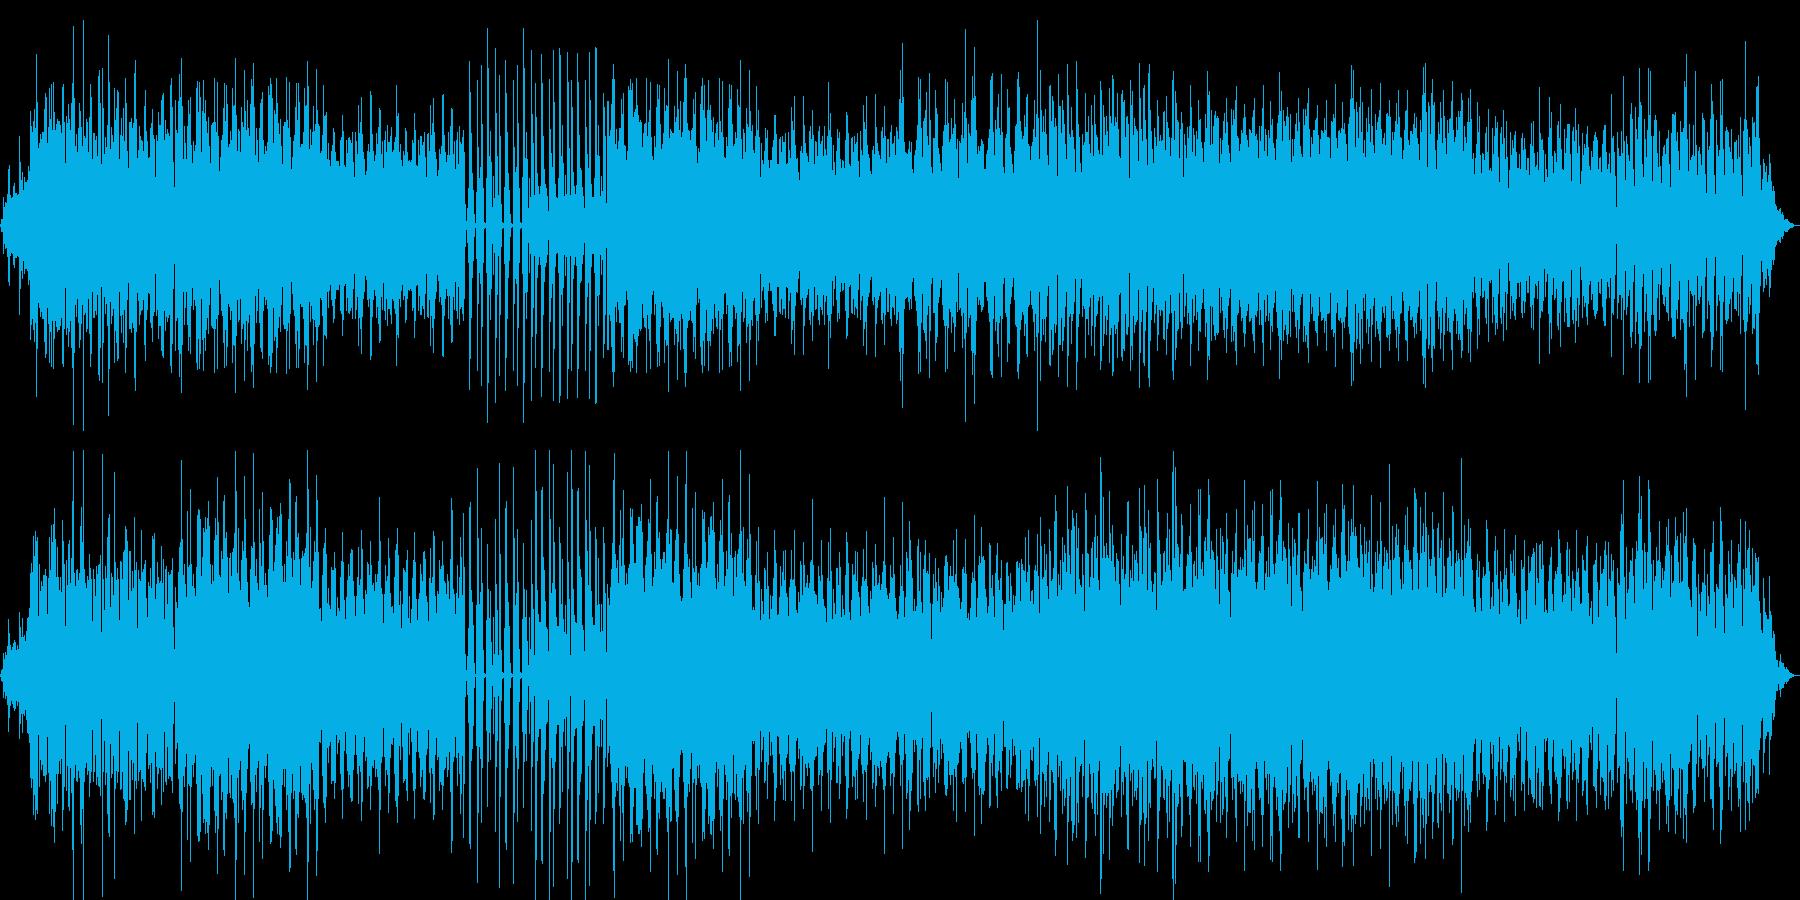 パリジェンヌの日常を表現したBGMの再生済みの波形